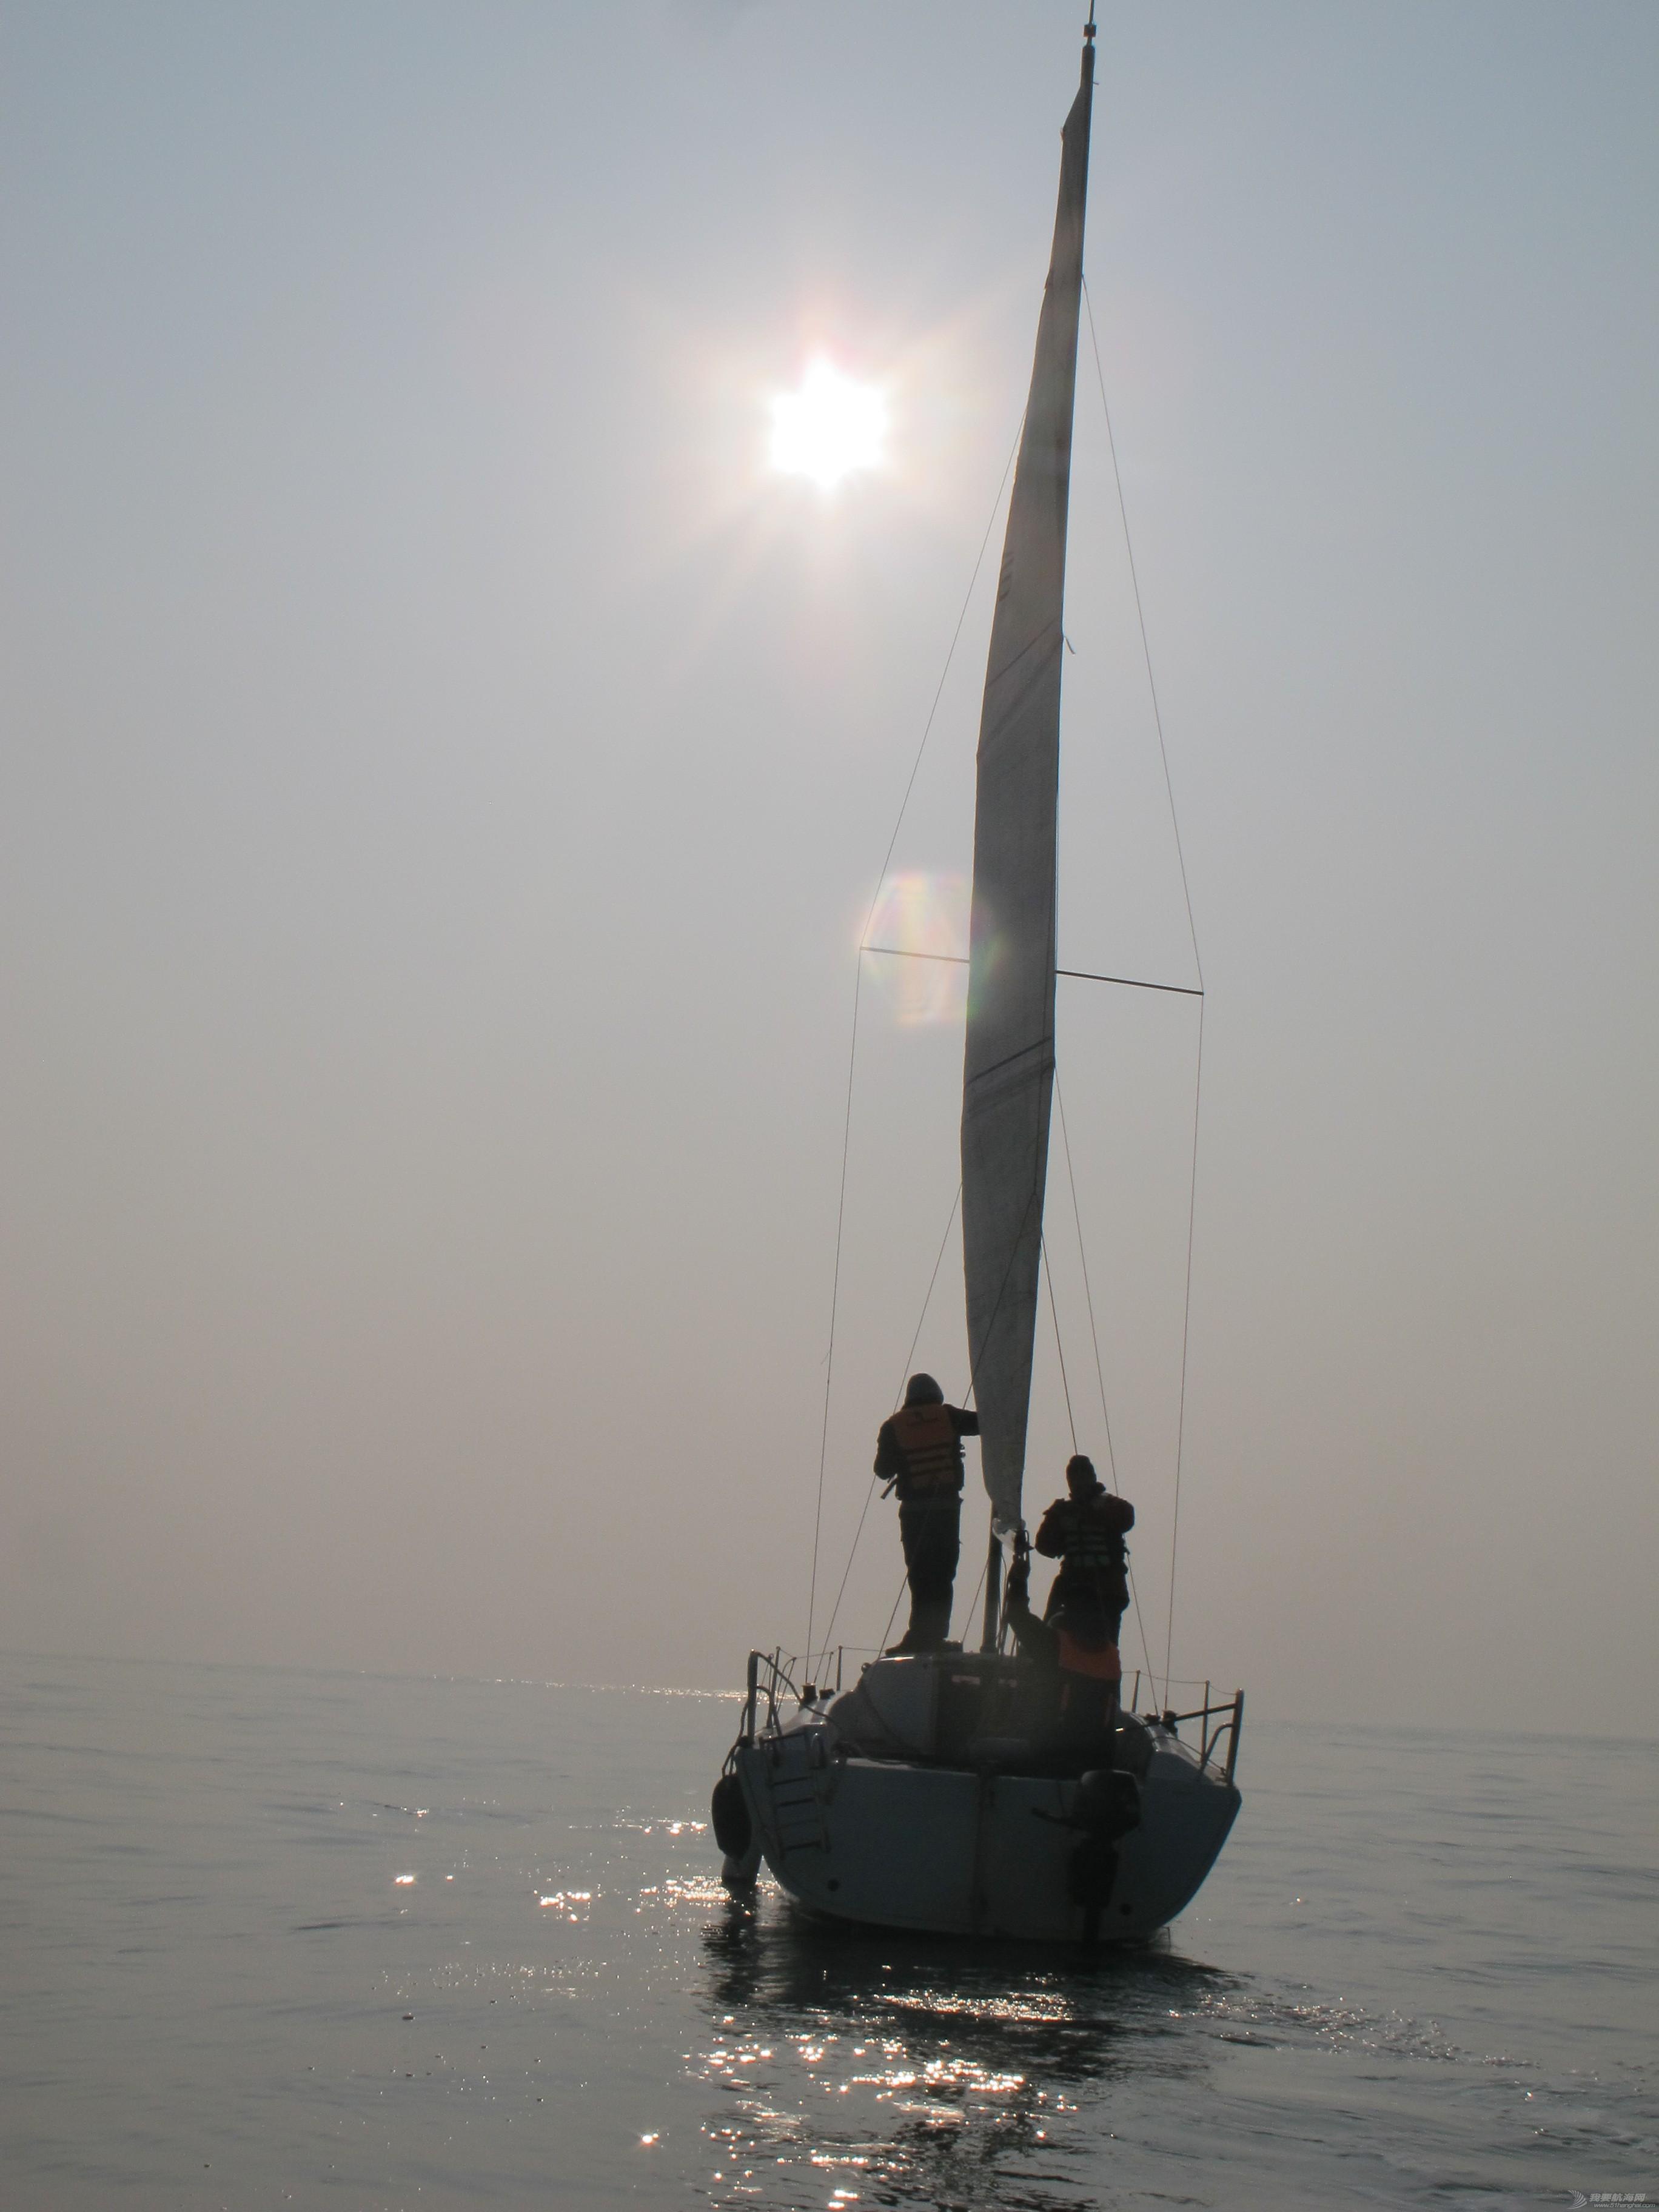 帆船 免费航海不是梦…我是十四期学员(我要去航海/全民公益航海帆船训练) IMG_7907.JPG